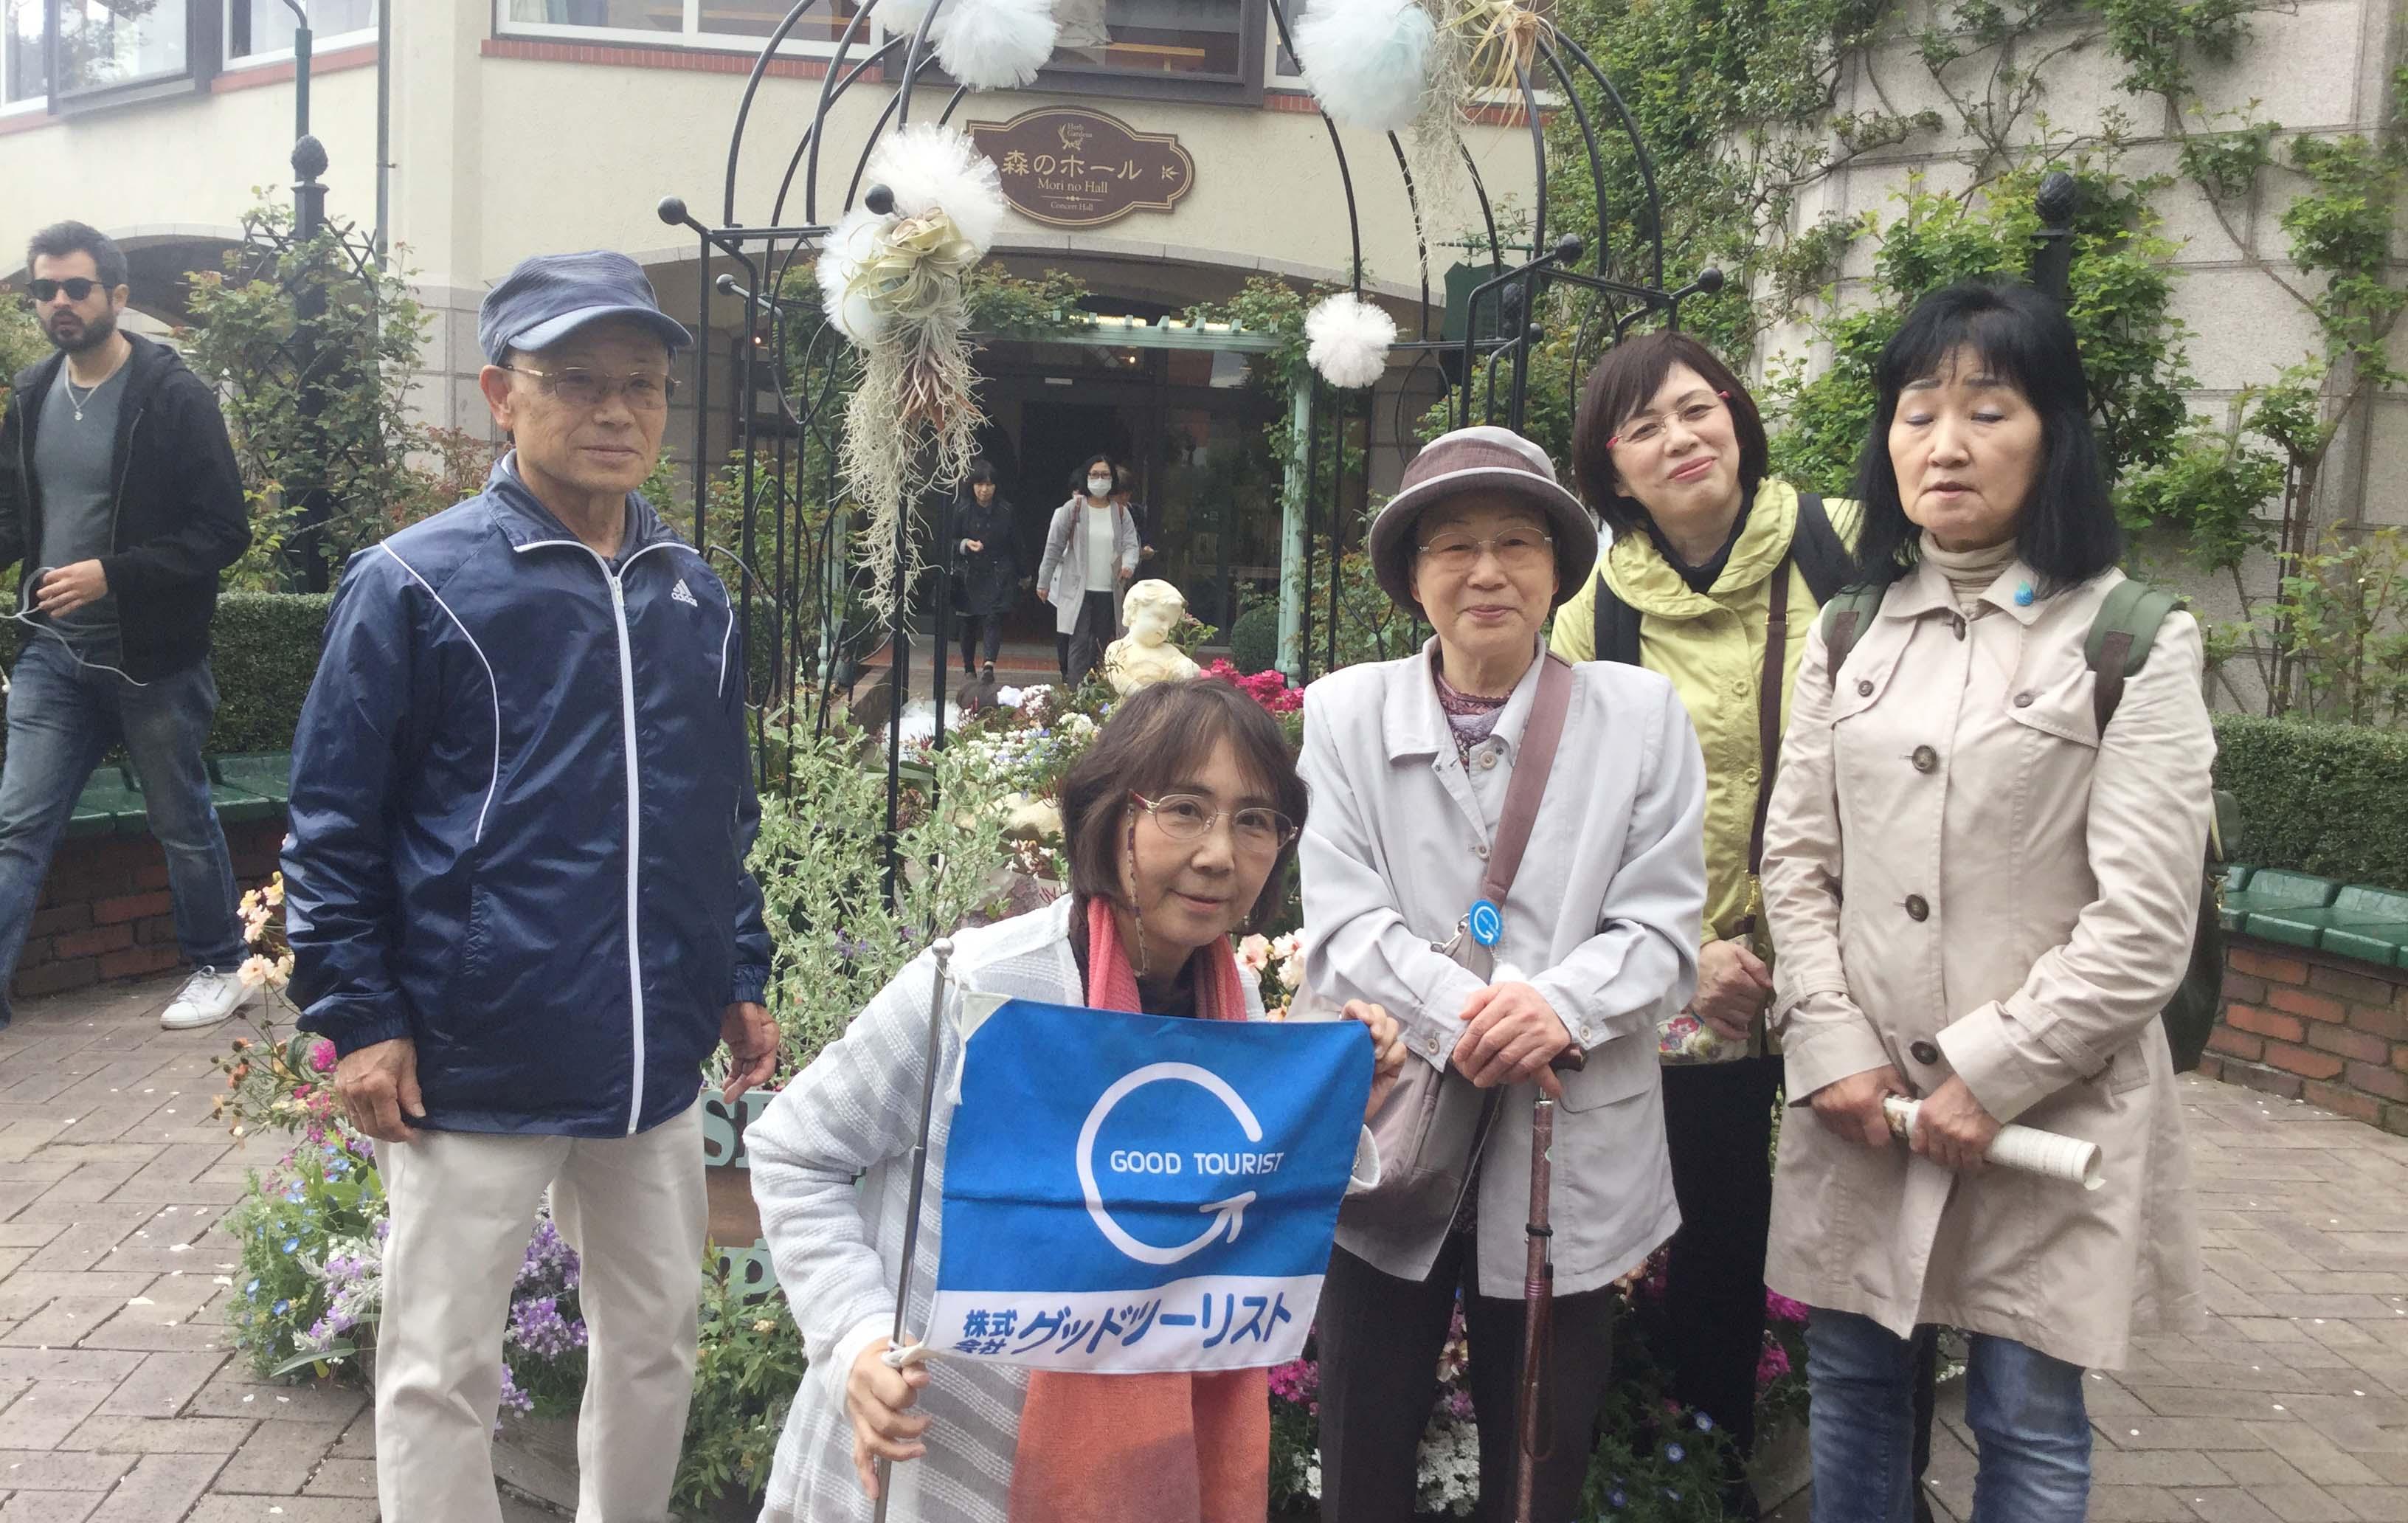 神戸 ホテルバイキングと神戸満喫ツアー催行!